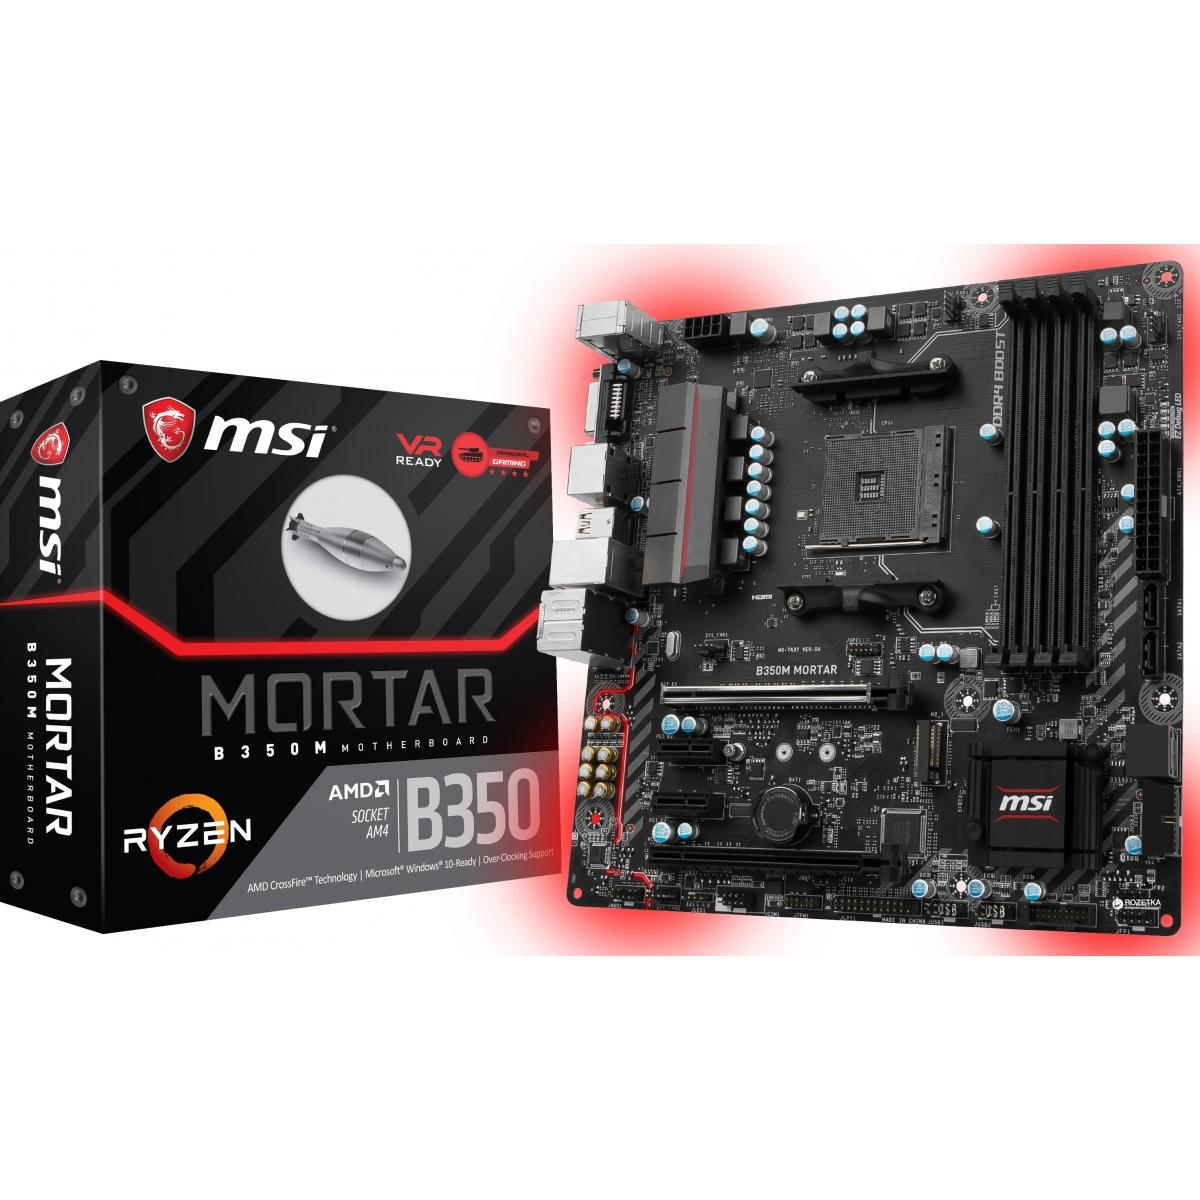 Placa Mãe MSI B350M Mortar, Chipset, B350, AMD AM4, mATX, DDR4